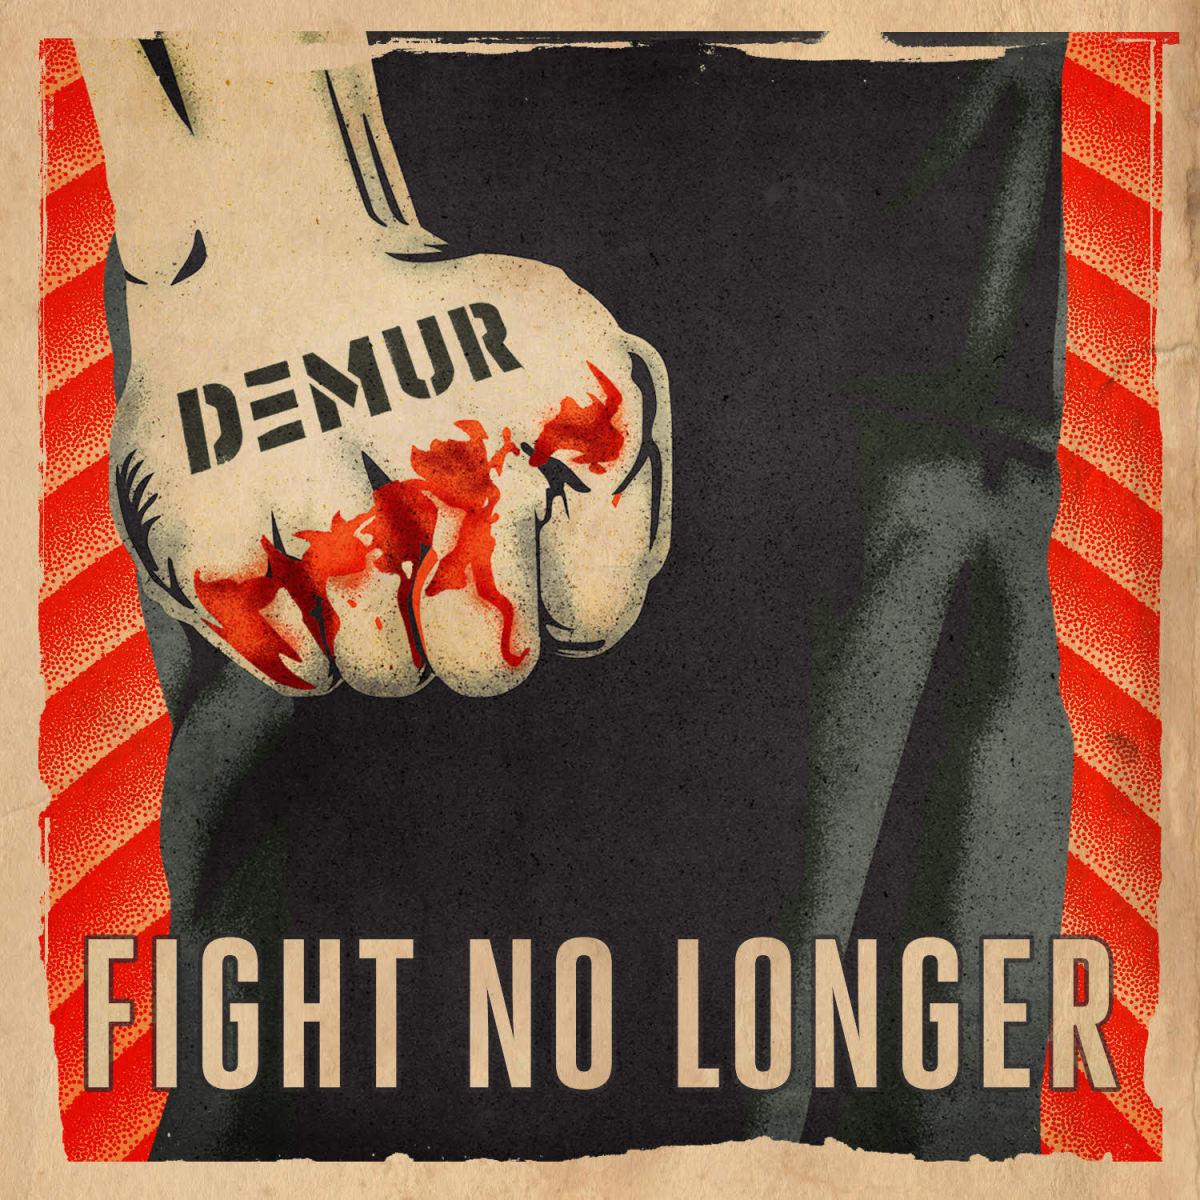 """DEMUR Makes Triumphant Return with New Single """"Fight No Longer"""" - EDM.com"""